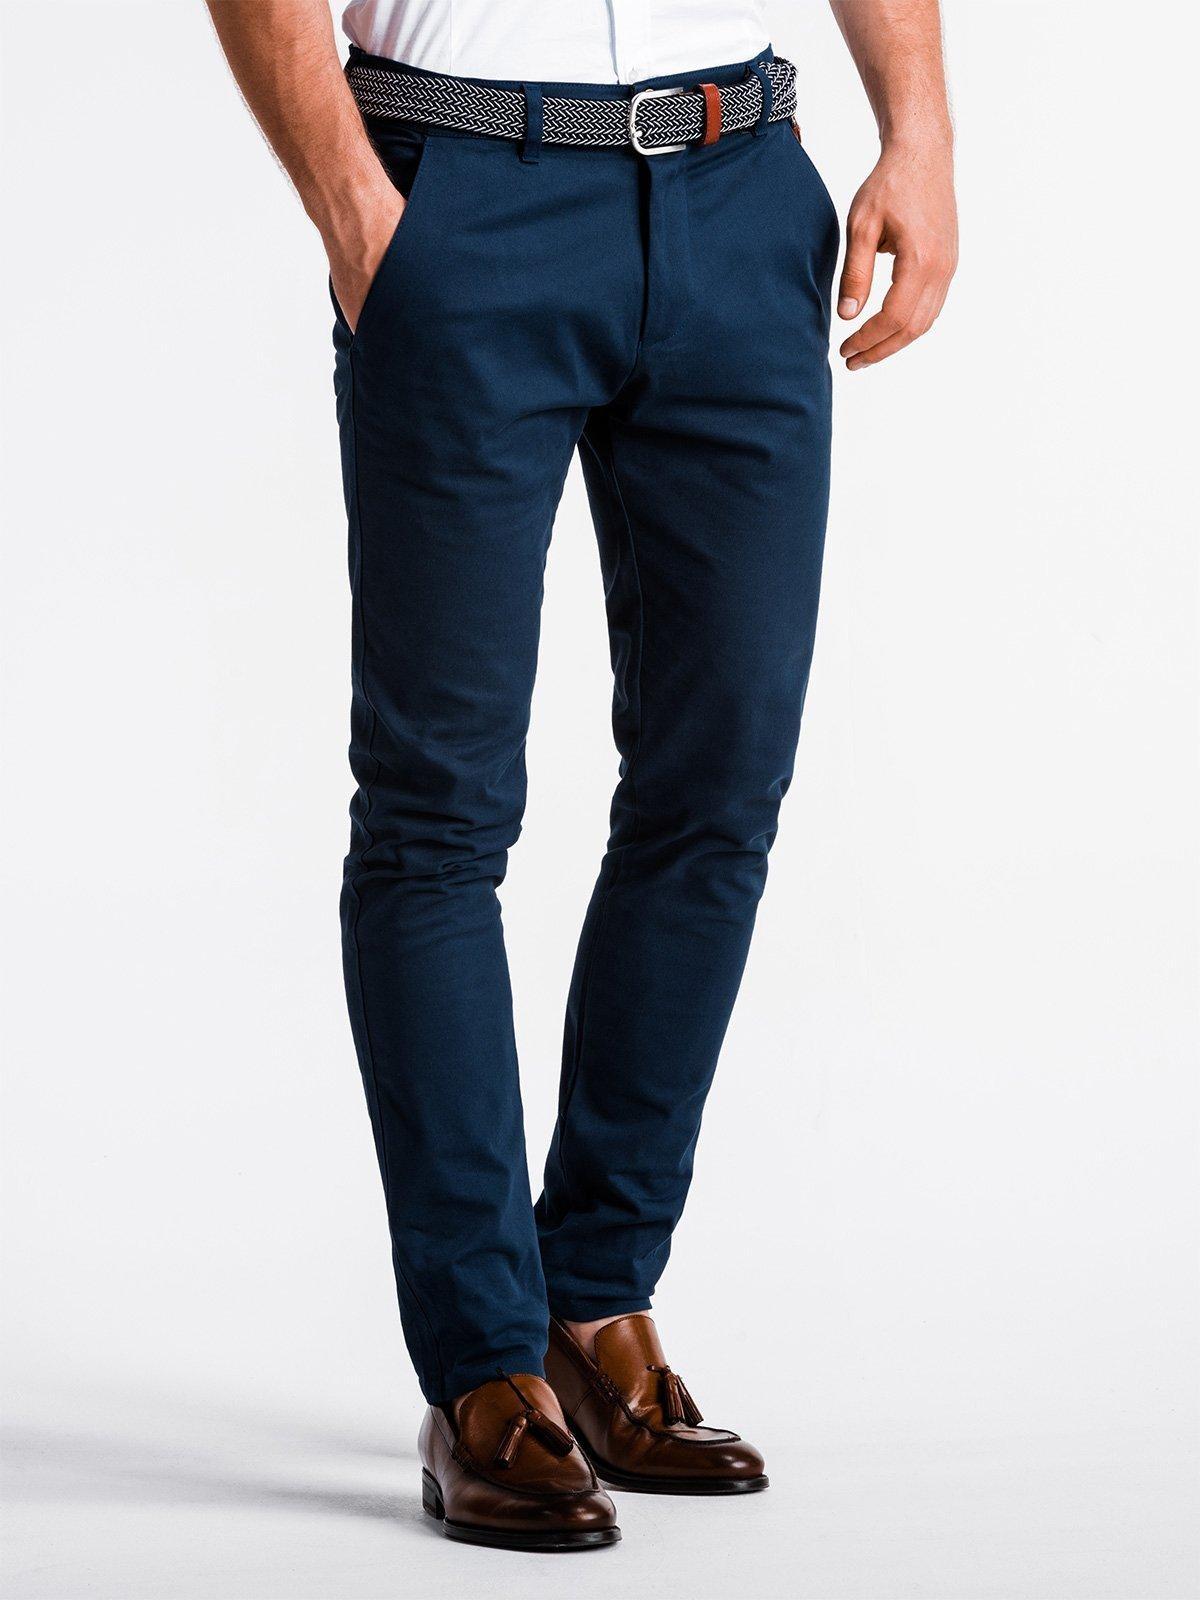 Elegantné pánske chino nohavice P830 - nármonícka modrá, veľ. S - S